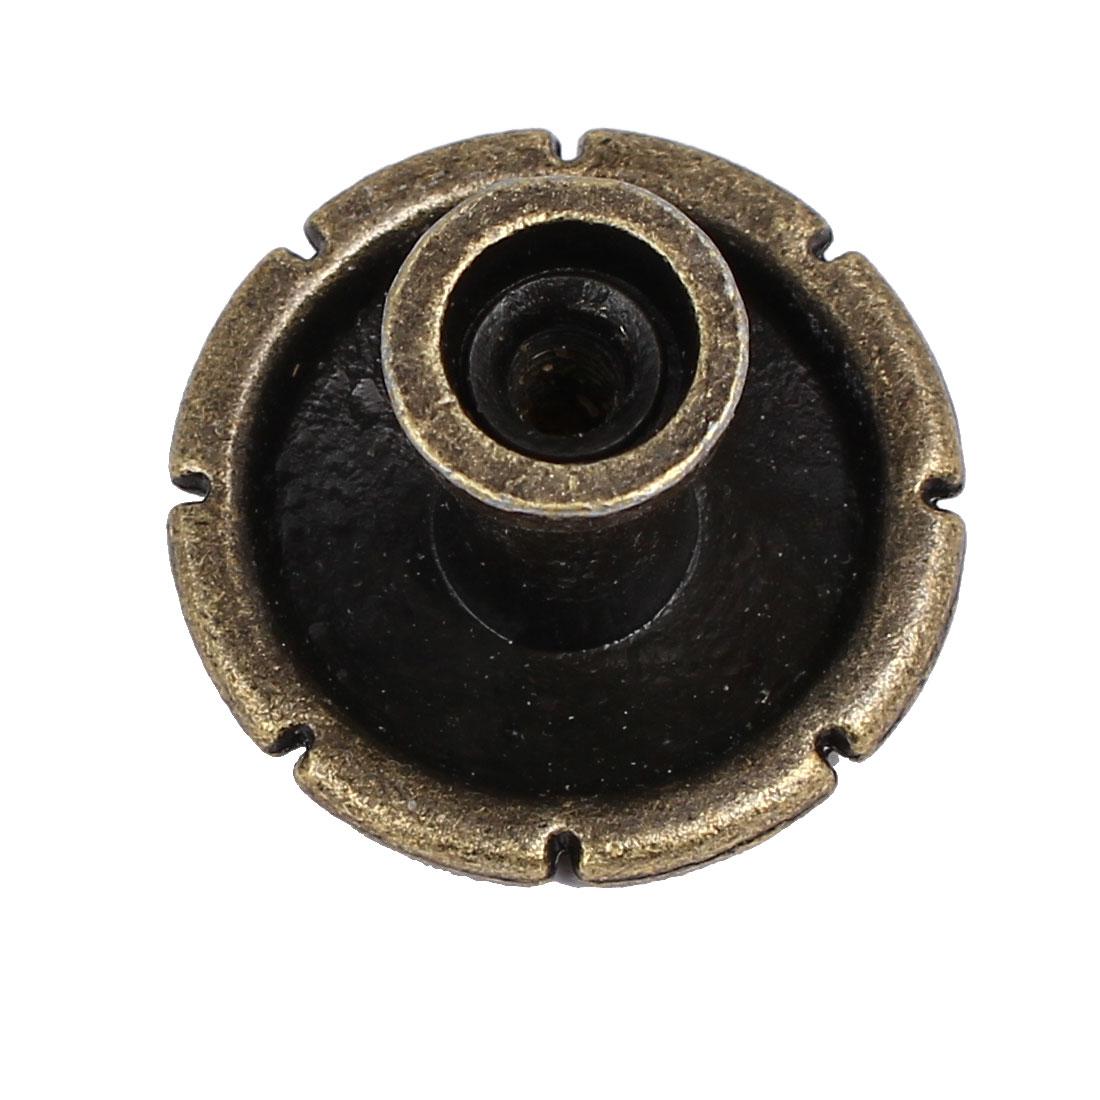 Porte raboteuse Style rétro Unique Trou Poignées Poignées Bouton 29mmx23mm 5pcs - image 1 de 3